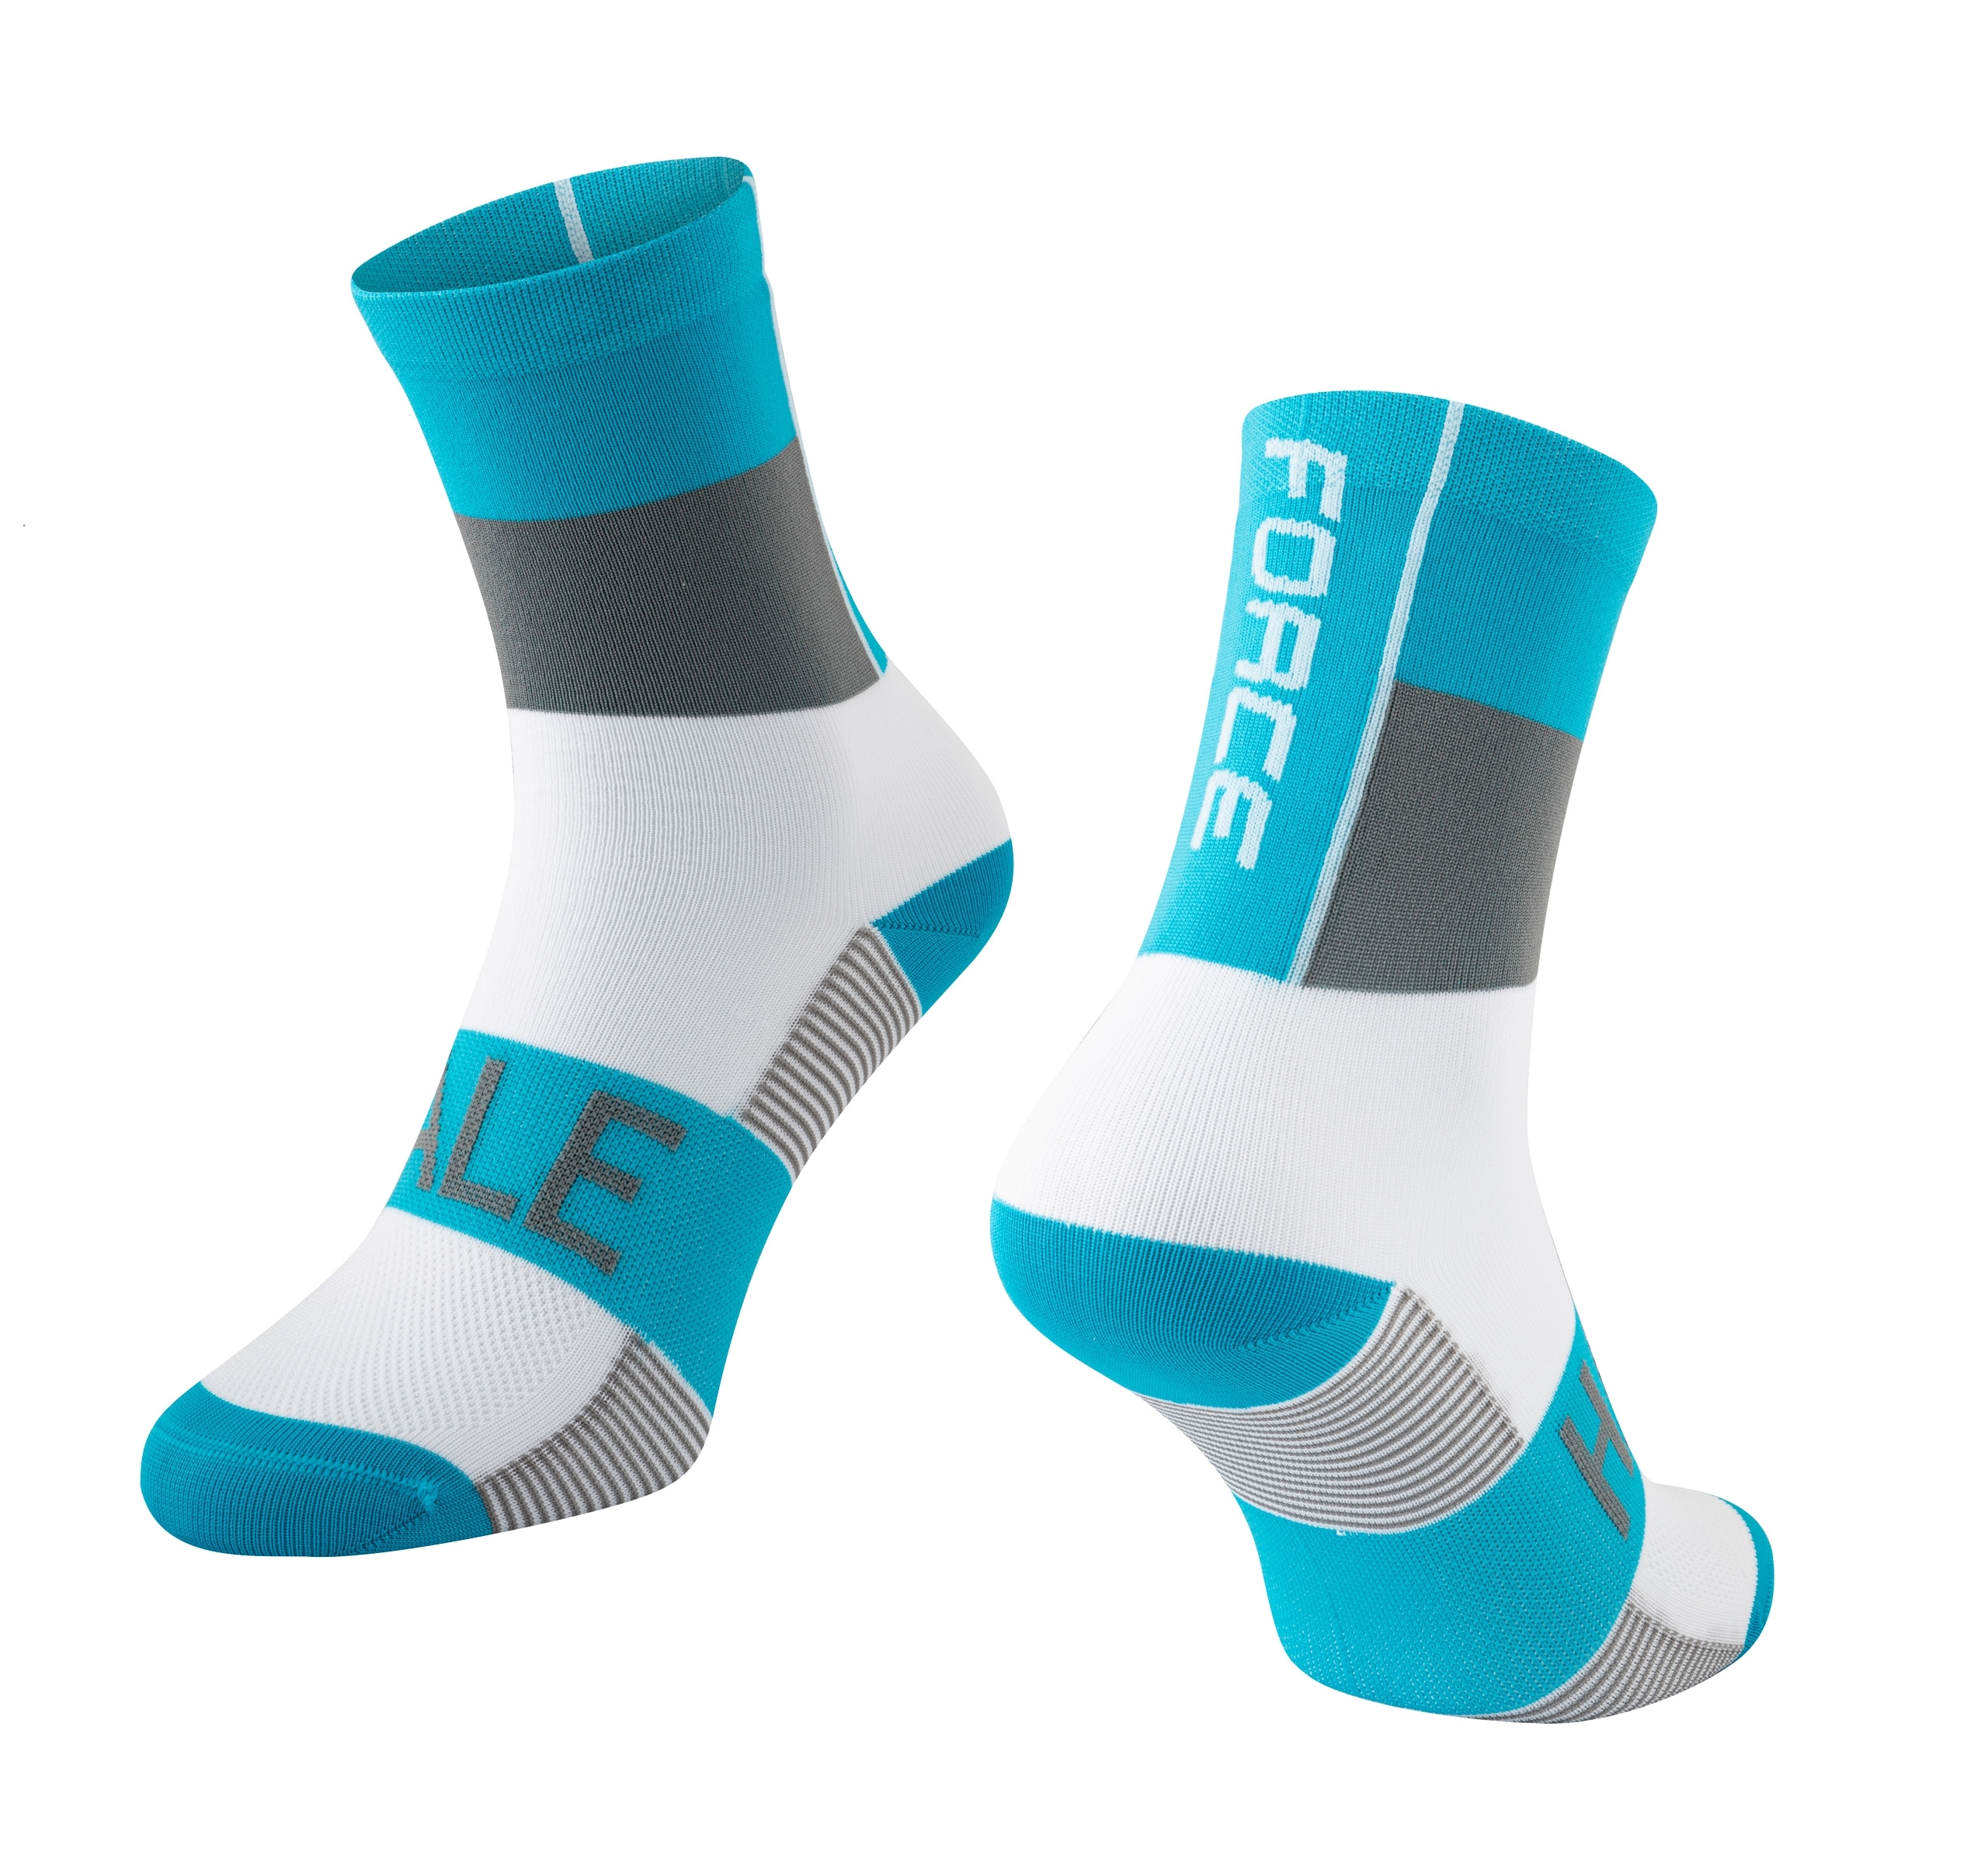 ponožky FORCE HALE, modro-šedo-bílé S-M/36-41